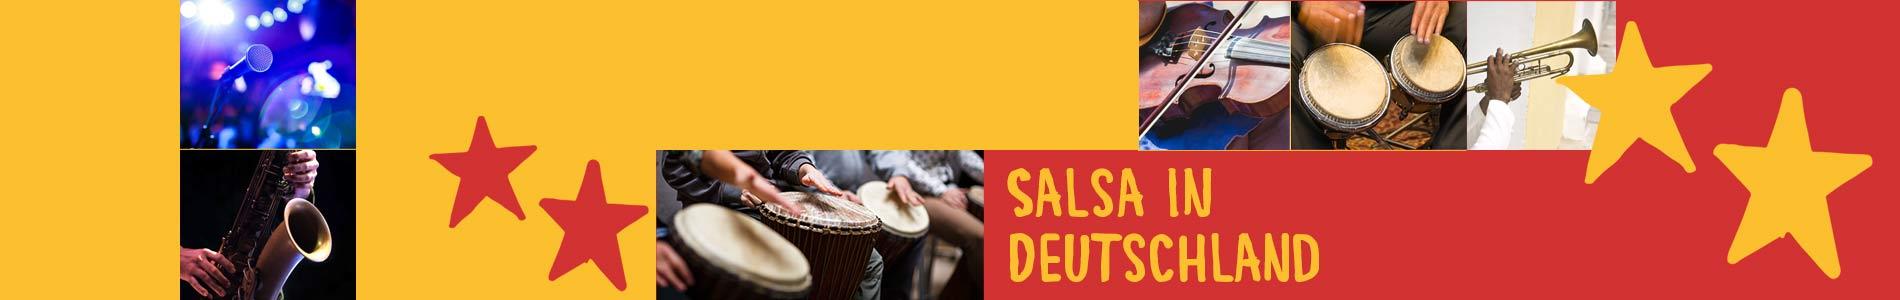 Salsa in Burgpreppach – Salsa lernen und tanzen, Tanzkurse, Partys, Veranstaltungen